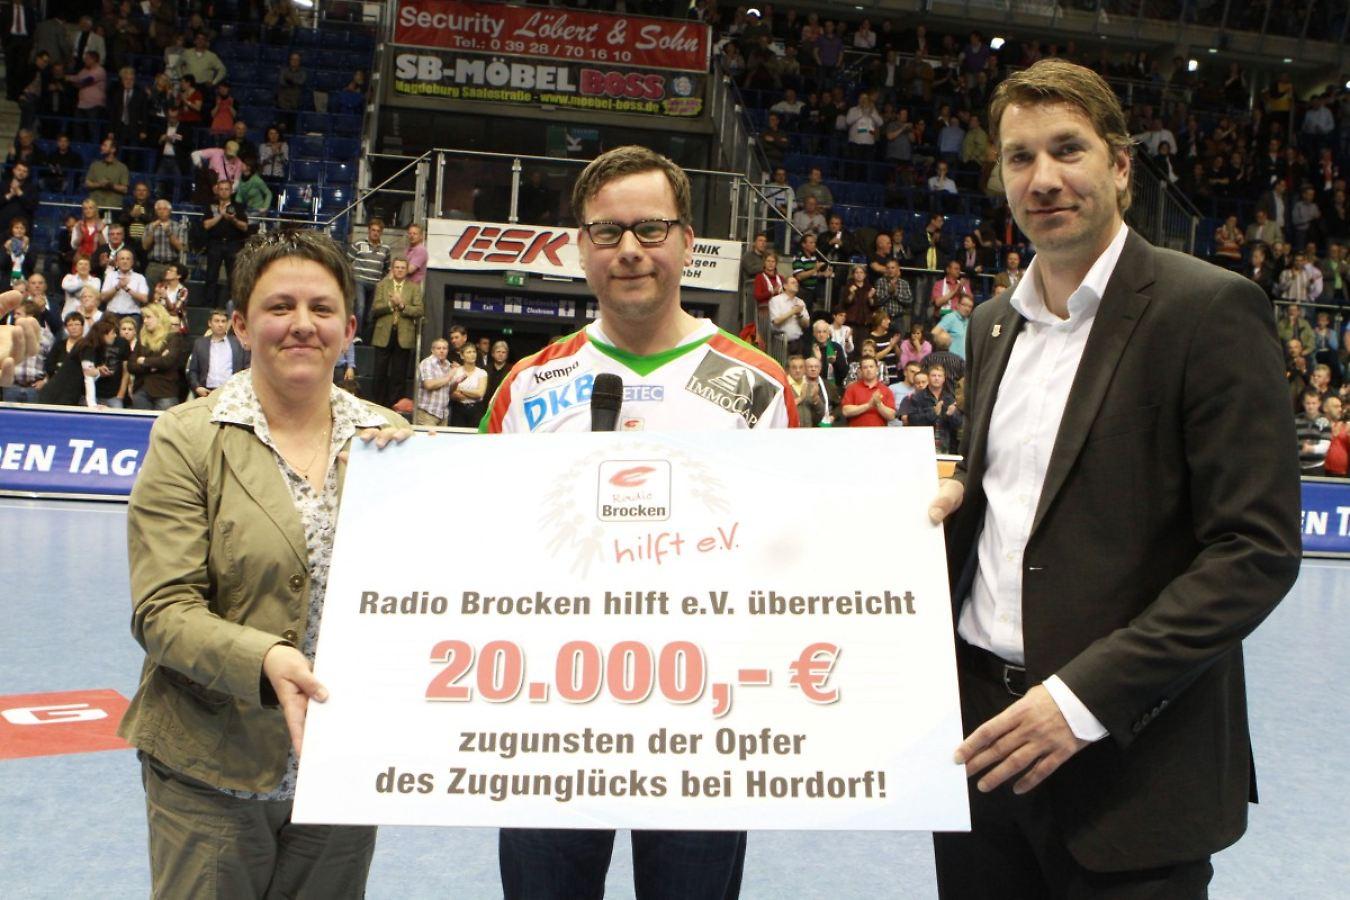 Zugunglück Hordorf Scheckübergabe 20000 Euro.jpg